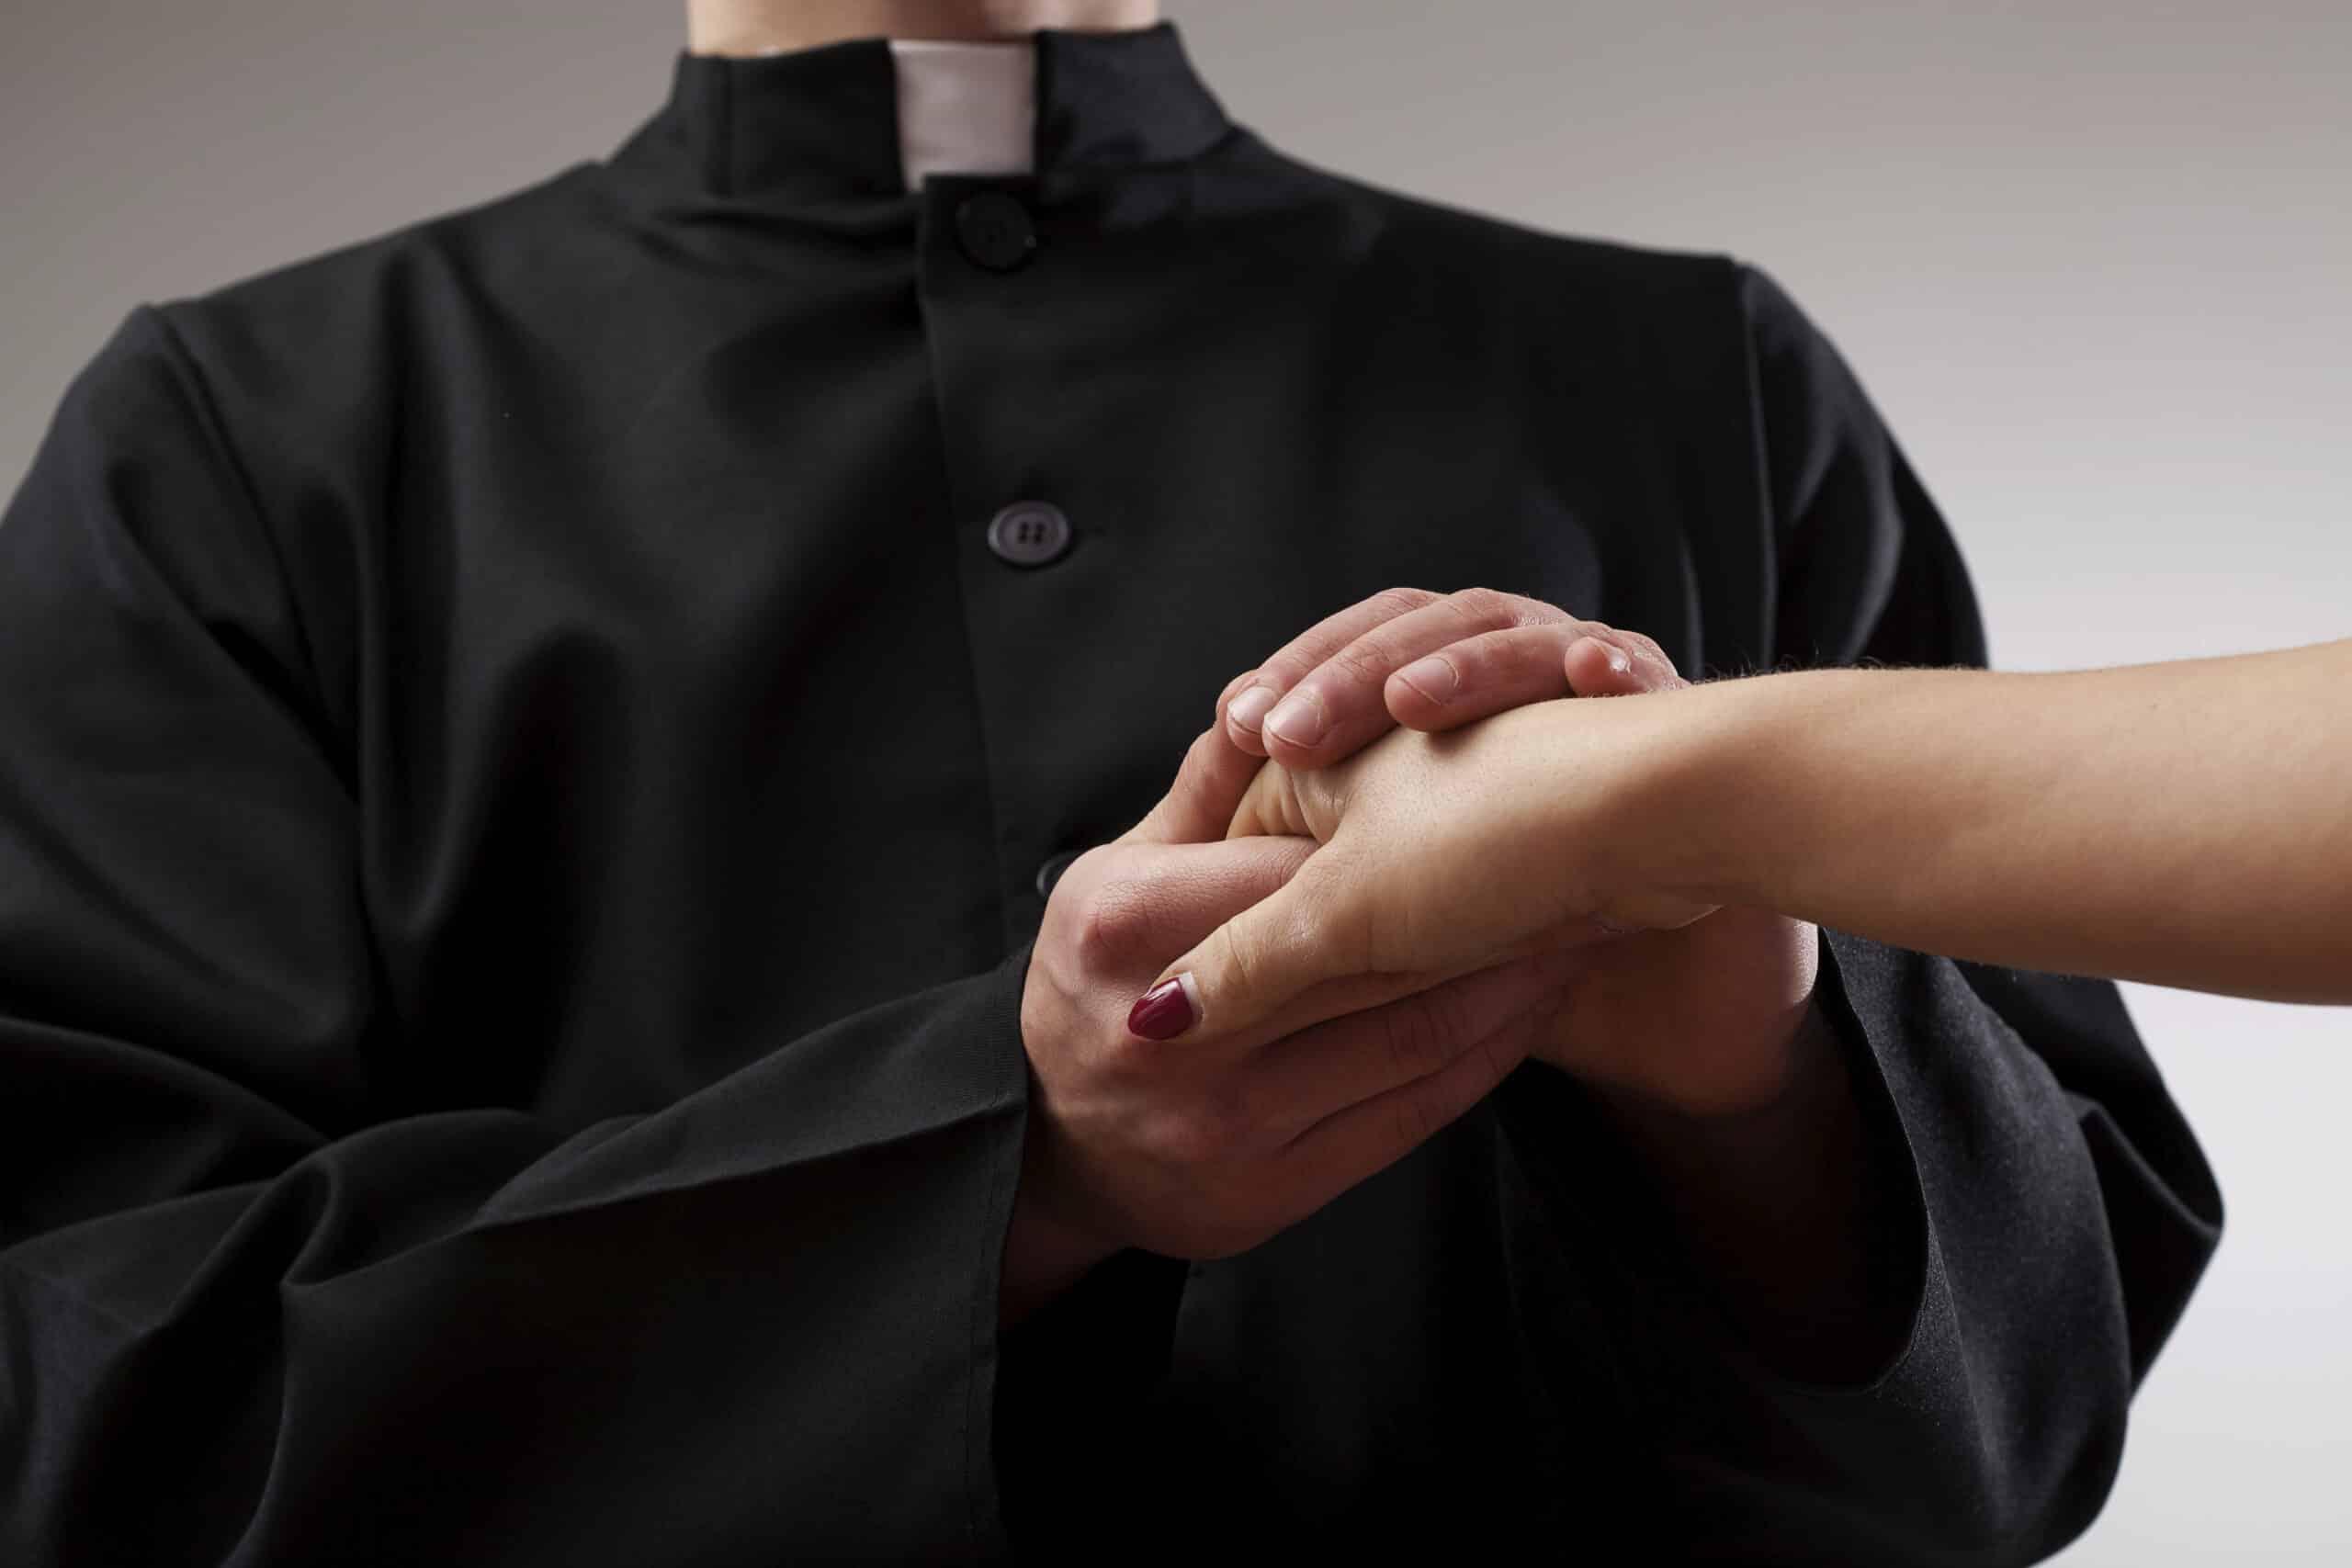 Giovane donna provoca un prete mentre il marito riprende la scena per ricattarlo, come si comporta il prete